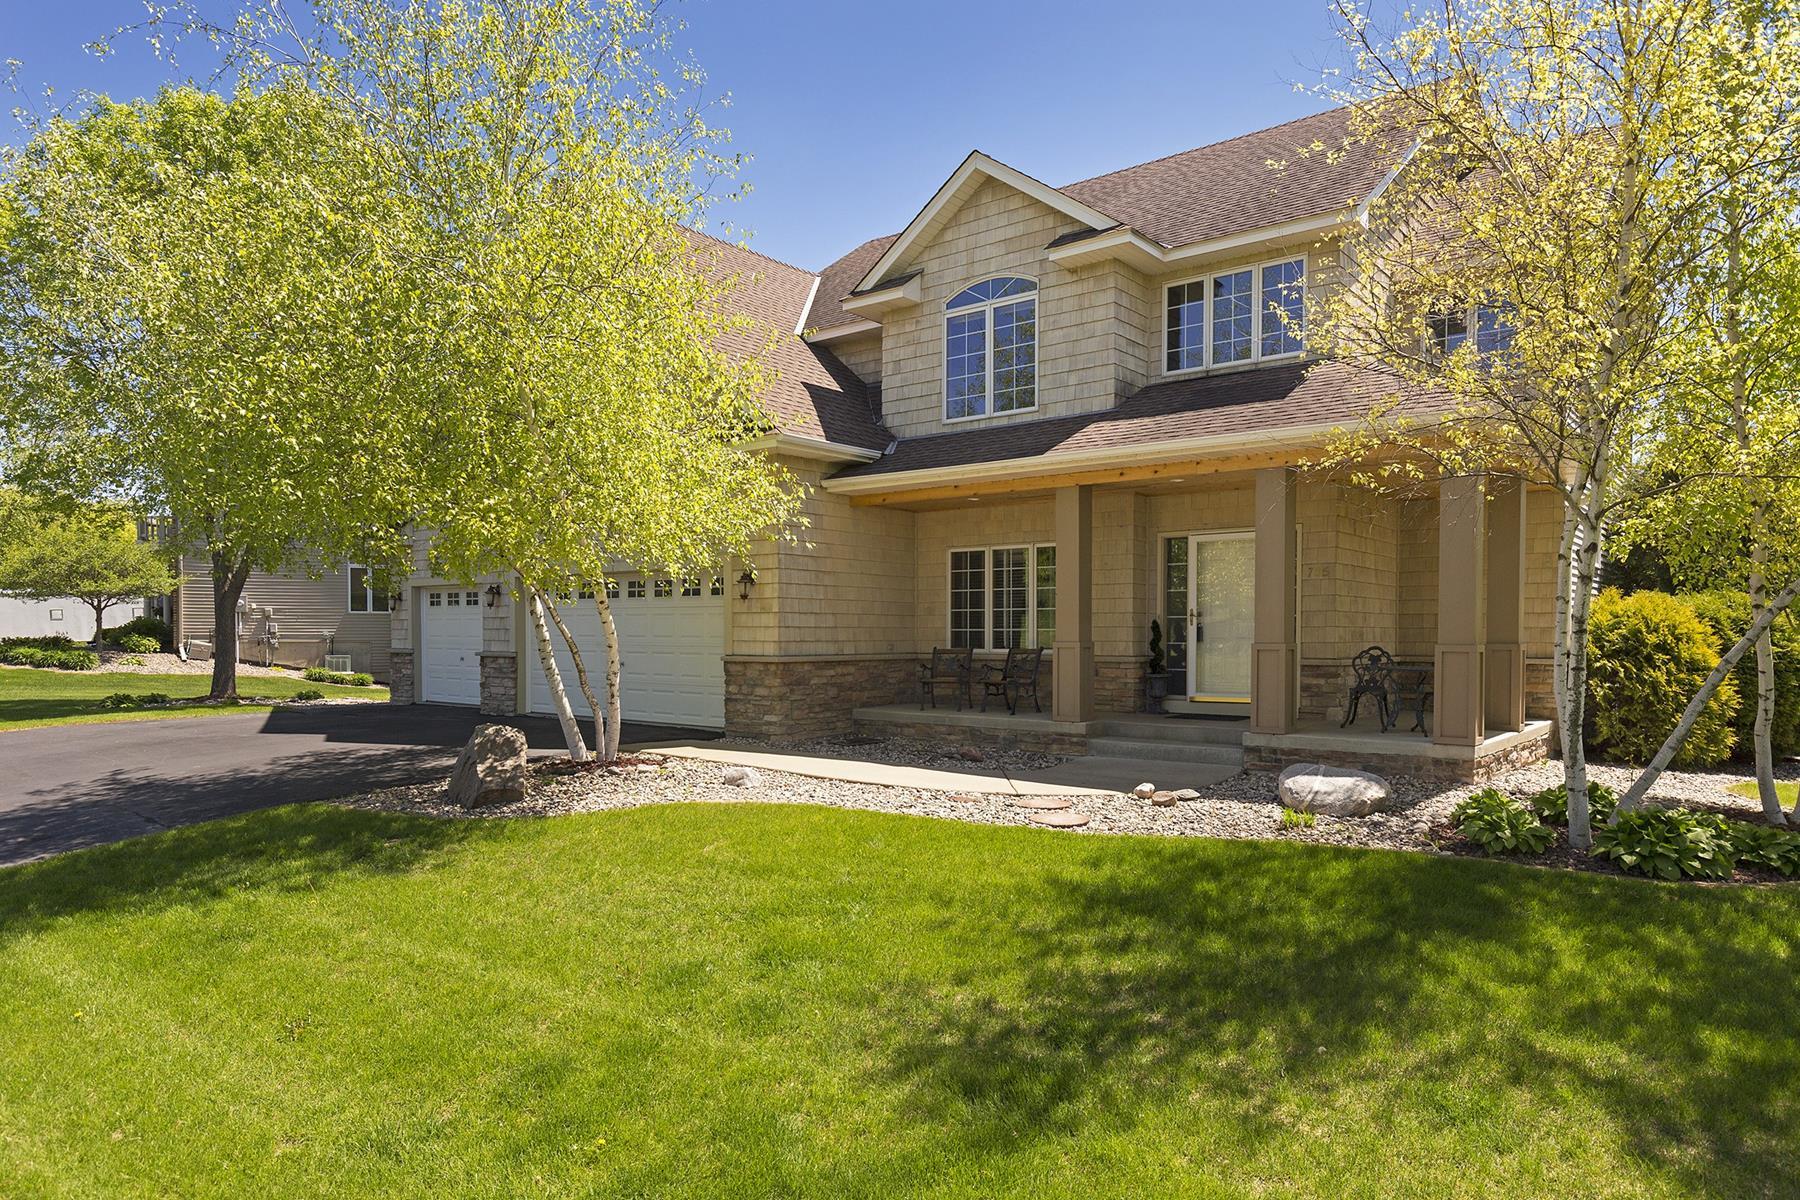 단독 가정 주택 용 매매 에 785 Weston Ridge Parkway Chaska, 미네소타, 55318 미국